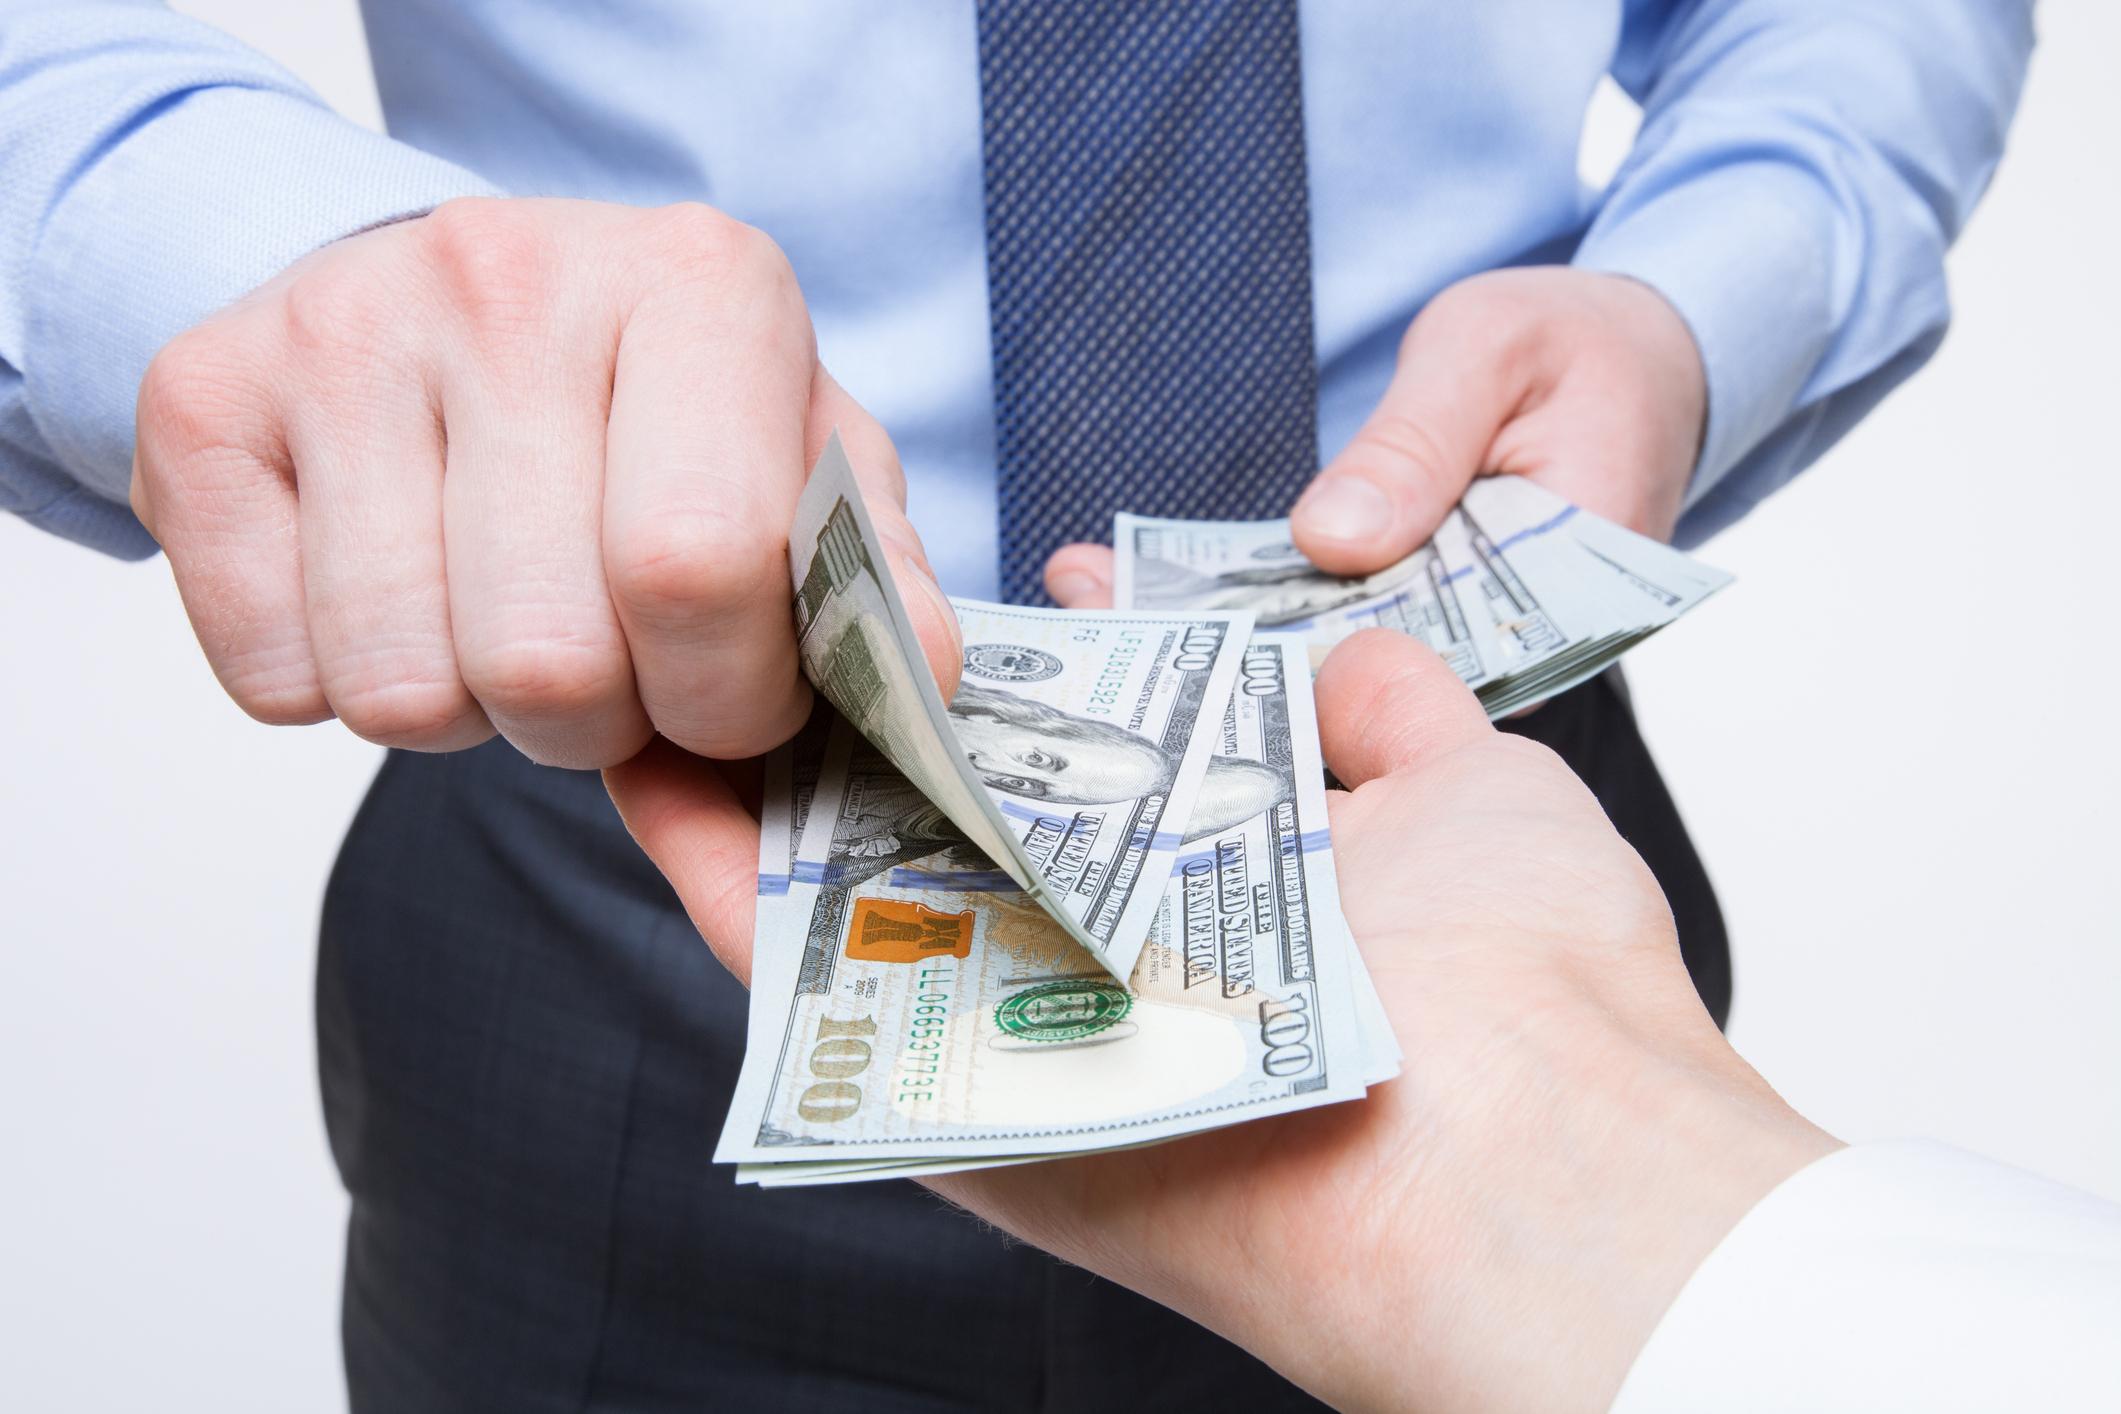 Human hands exchanging money.